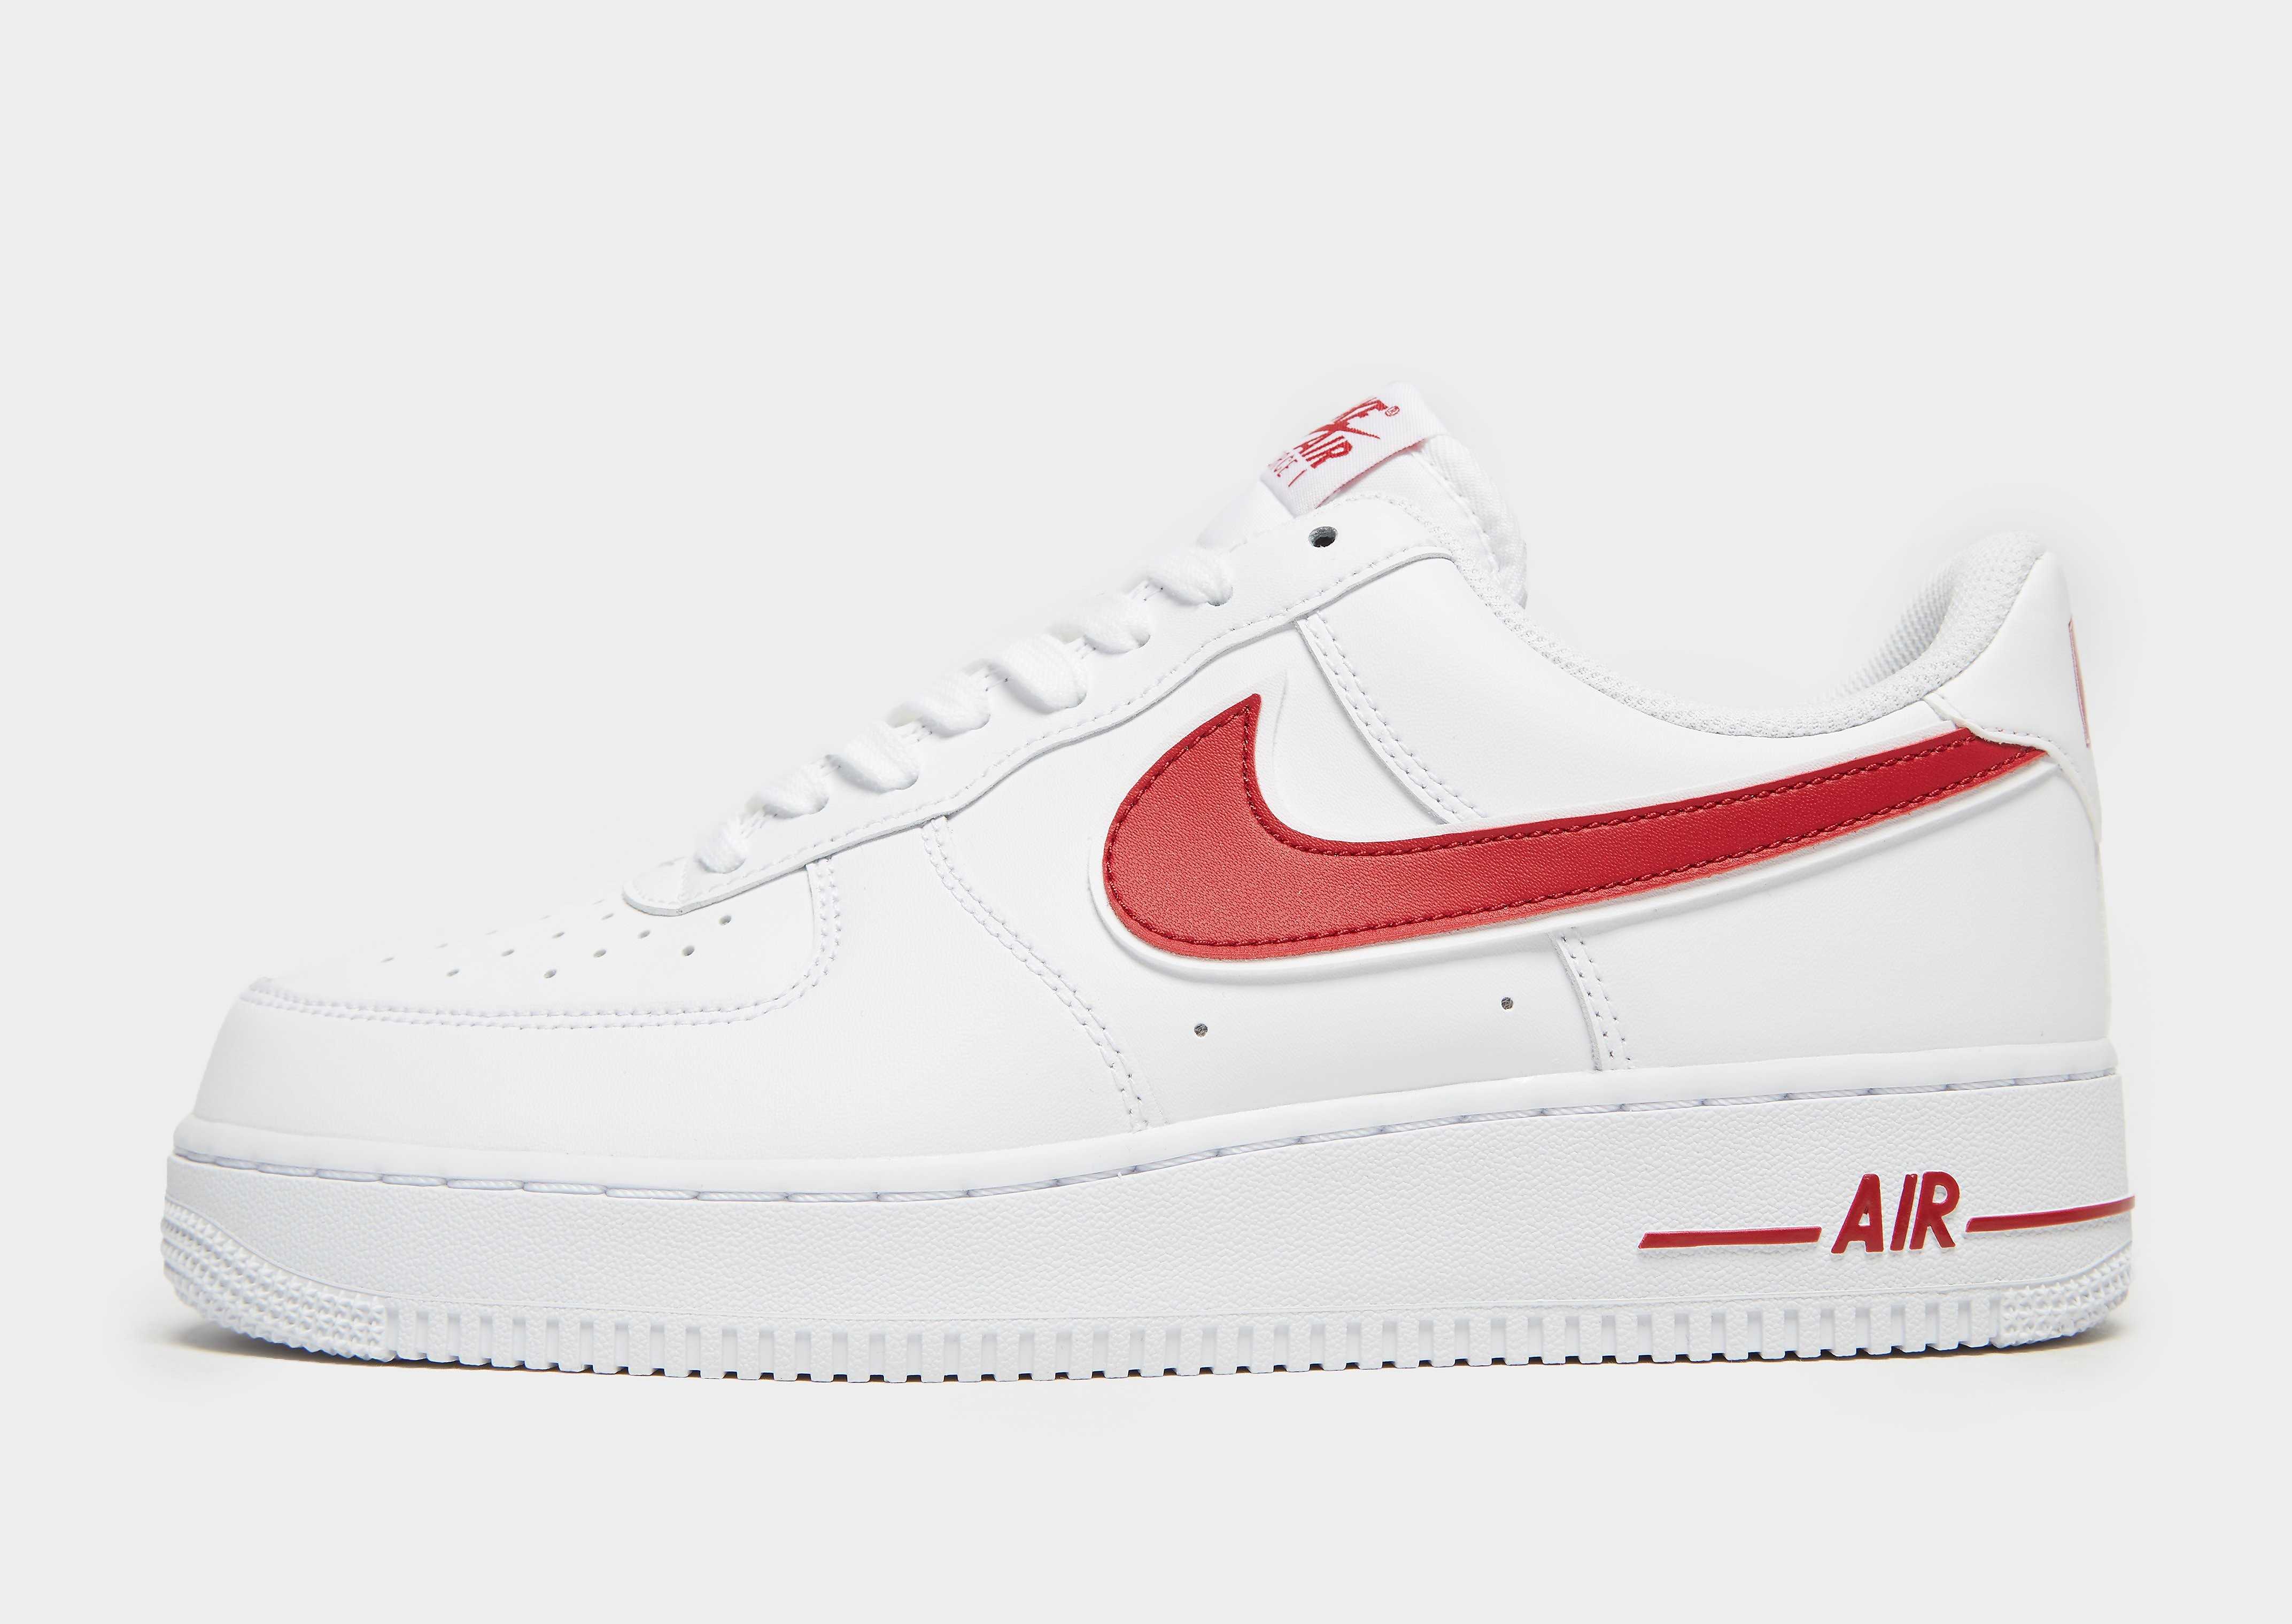 Nike Air Force 1 '07 Low Essential Herren